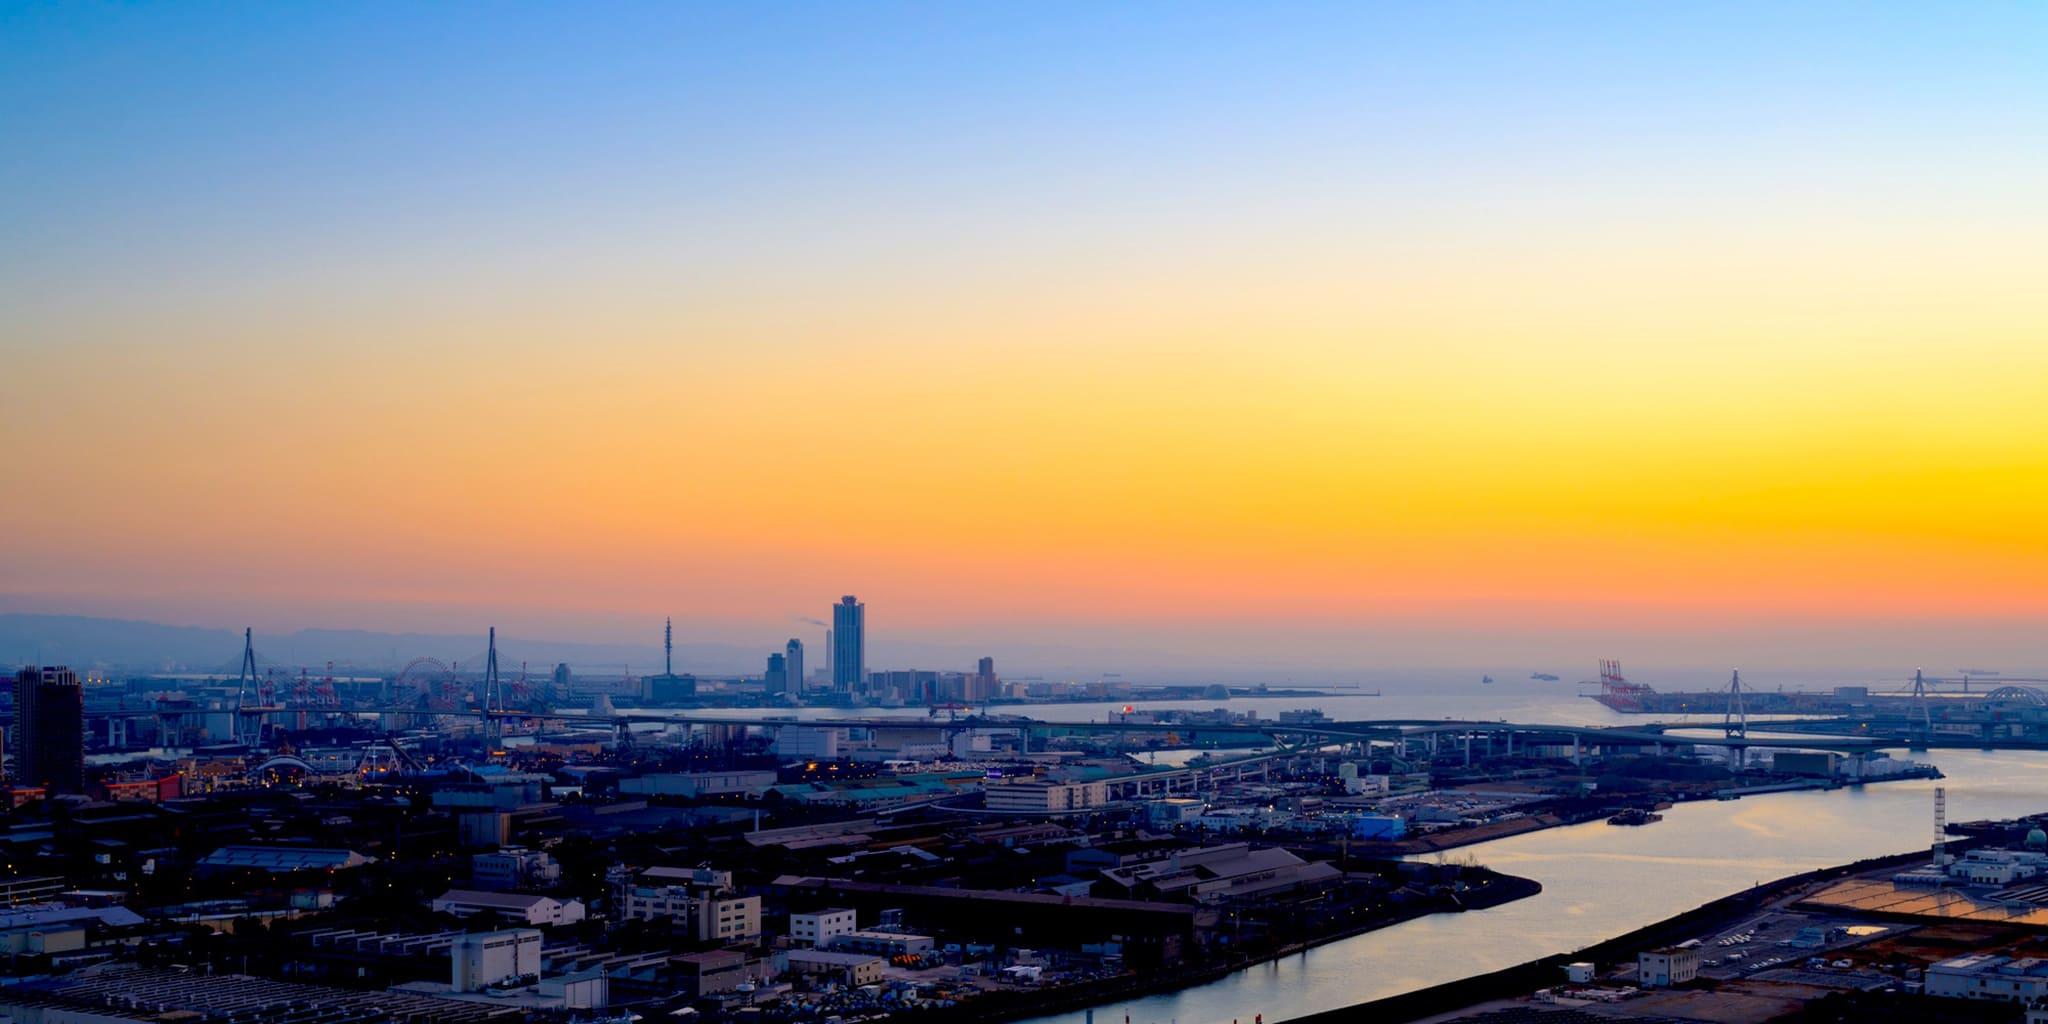 ヘリコプターで大阪上空から見る舞洲湾岸沿い